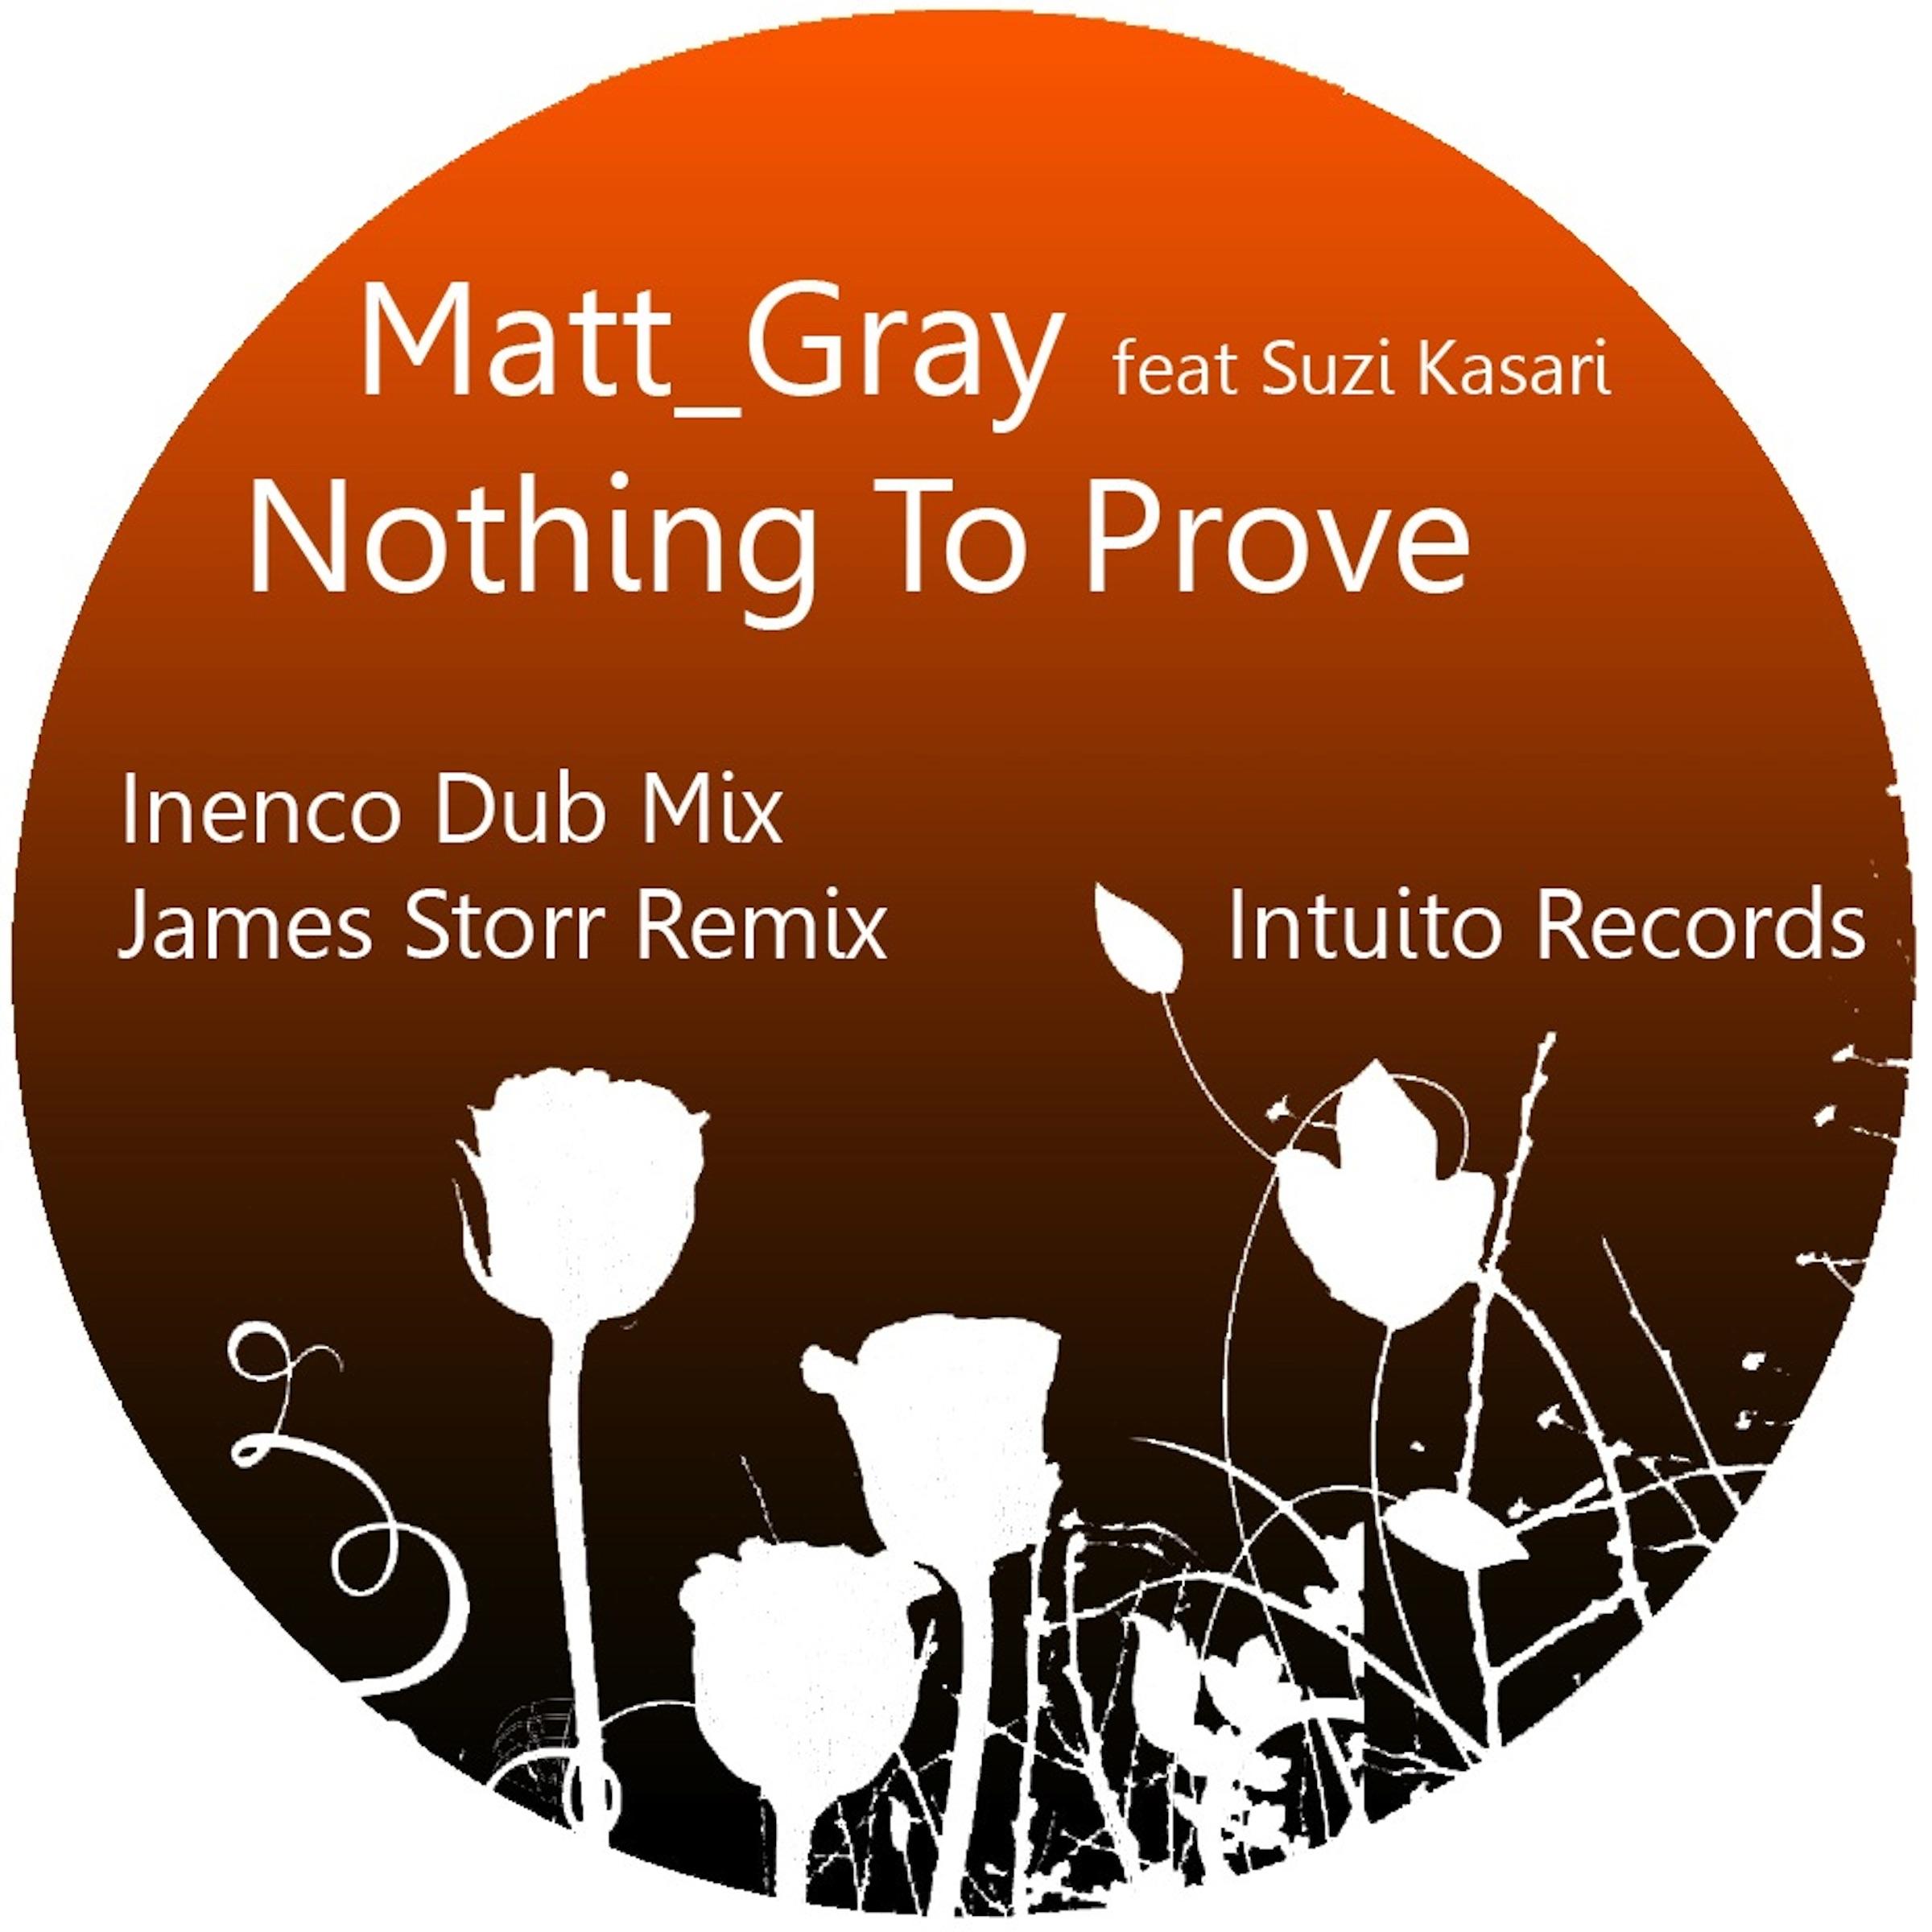 Nothing to Prove (feat. Suzi Kasiri) - Single